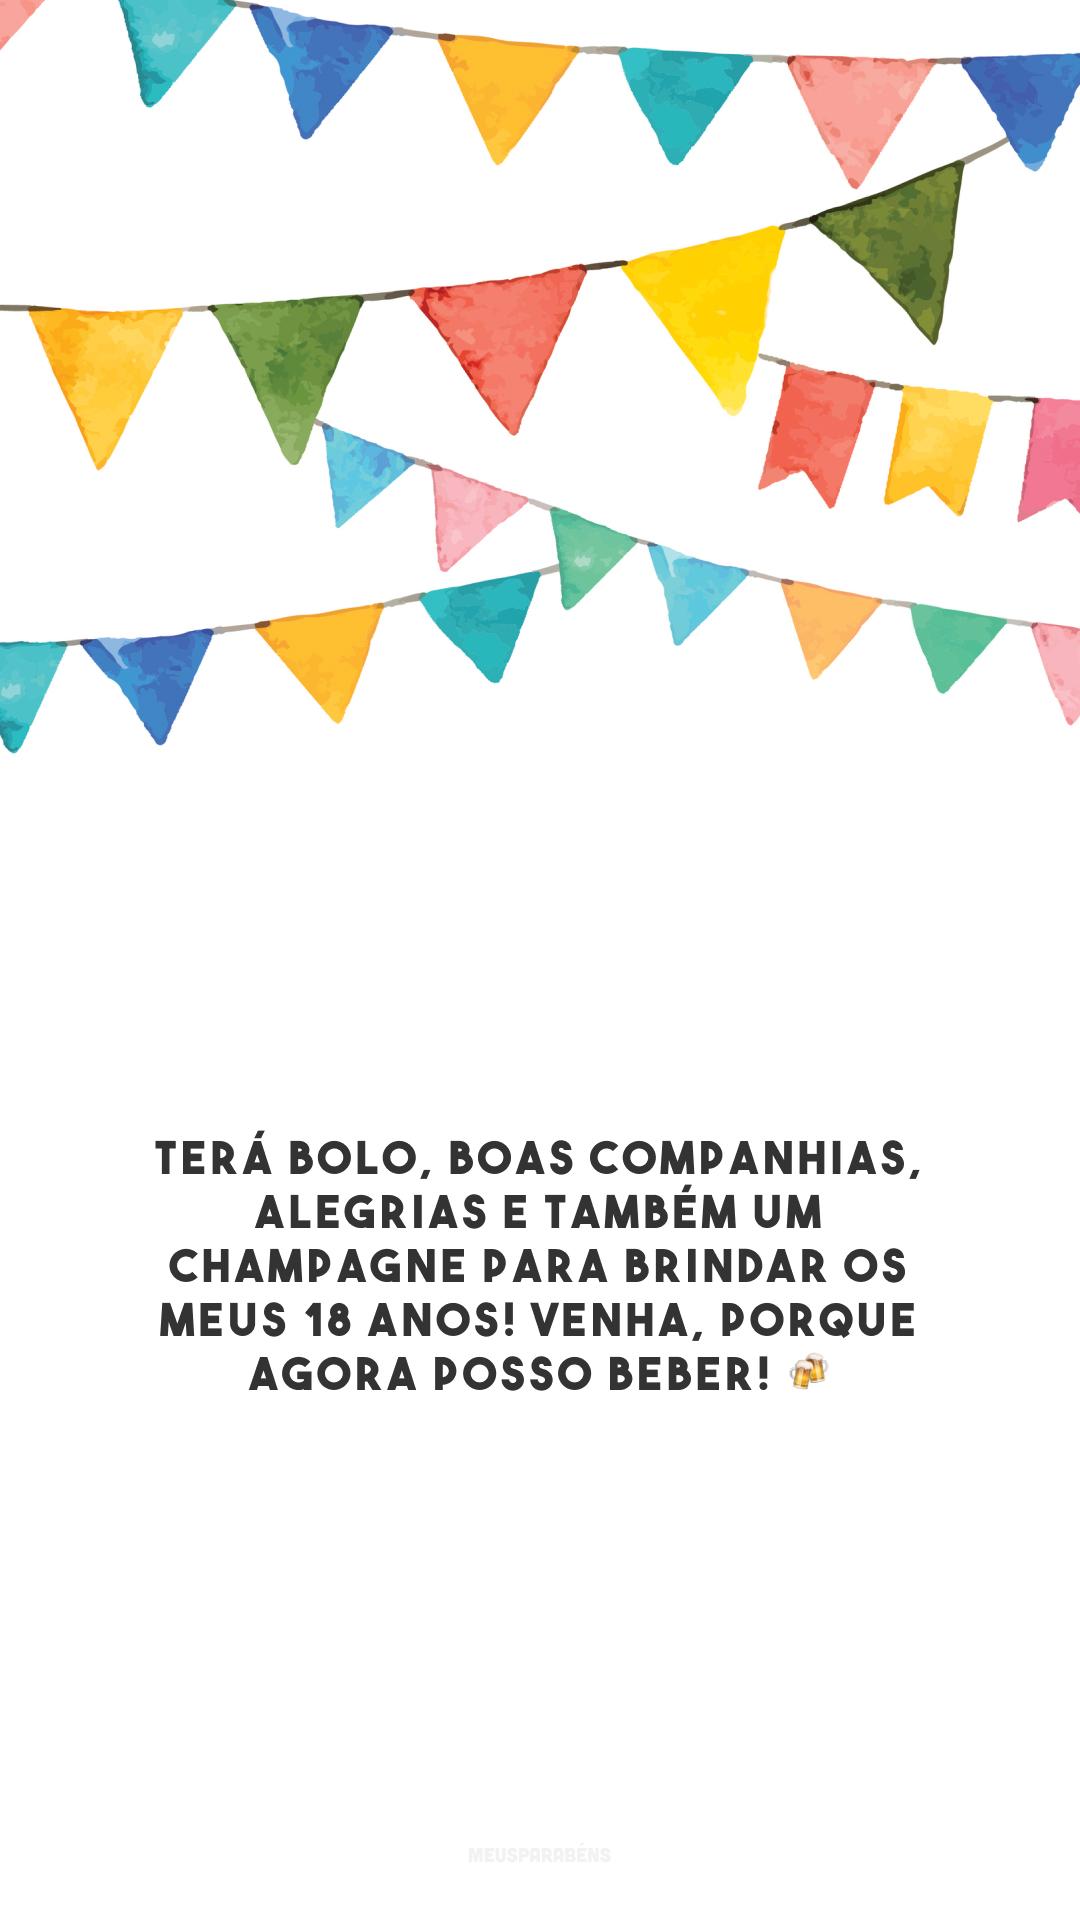 Terá bolo, boas companhias, alegrias e também um champagne para brindar os meus 18 anos! Venha, porque agora posso beber! 🍻